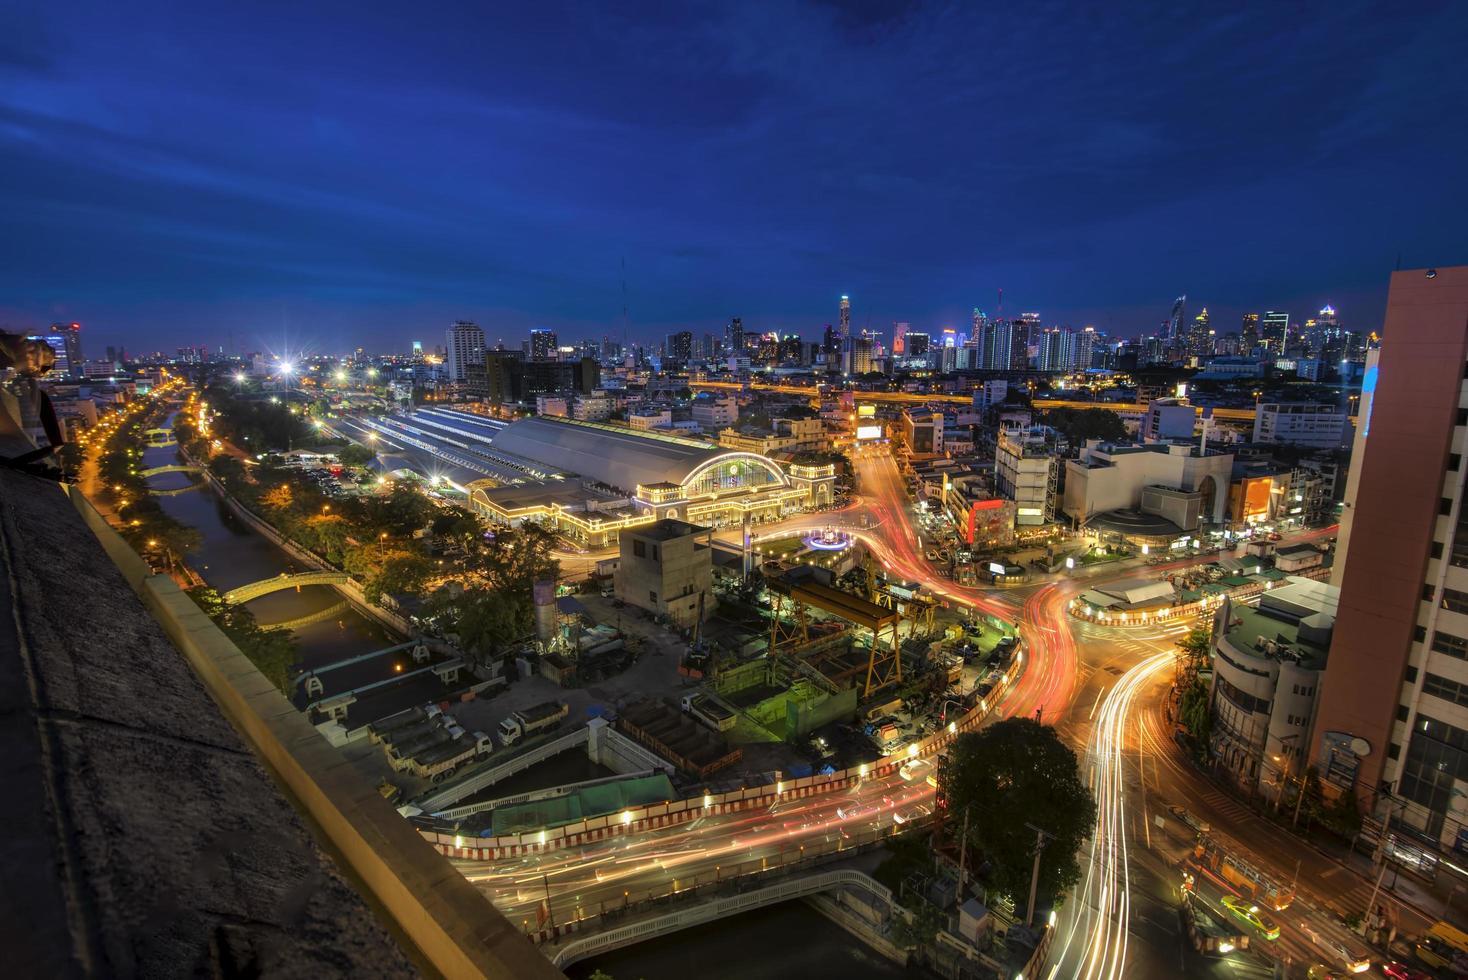 bangkok järnvägsstation på natten i Thailand foto